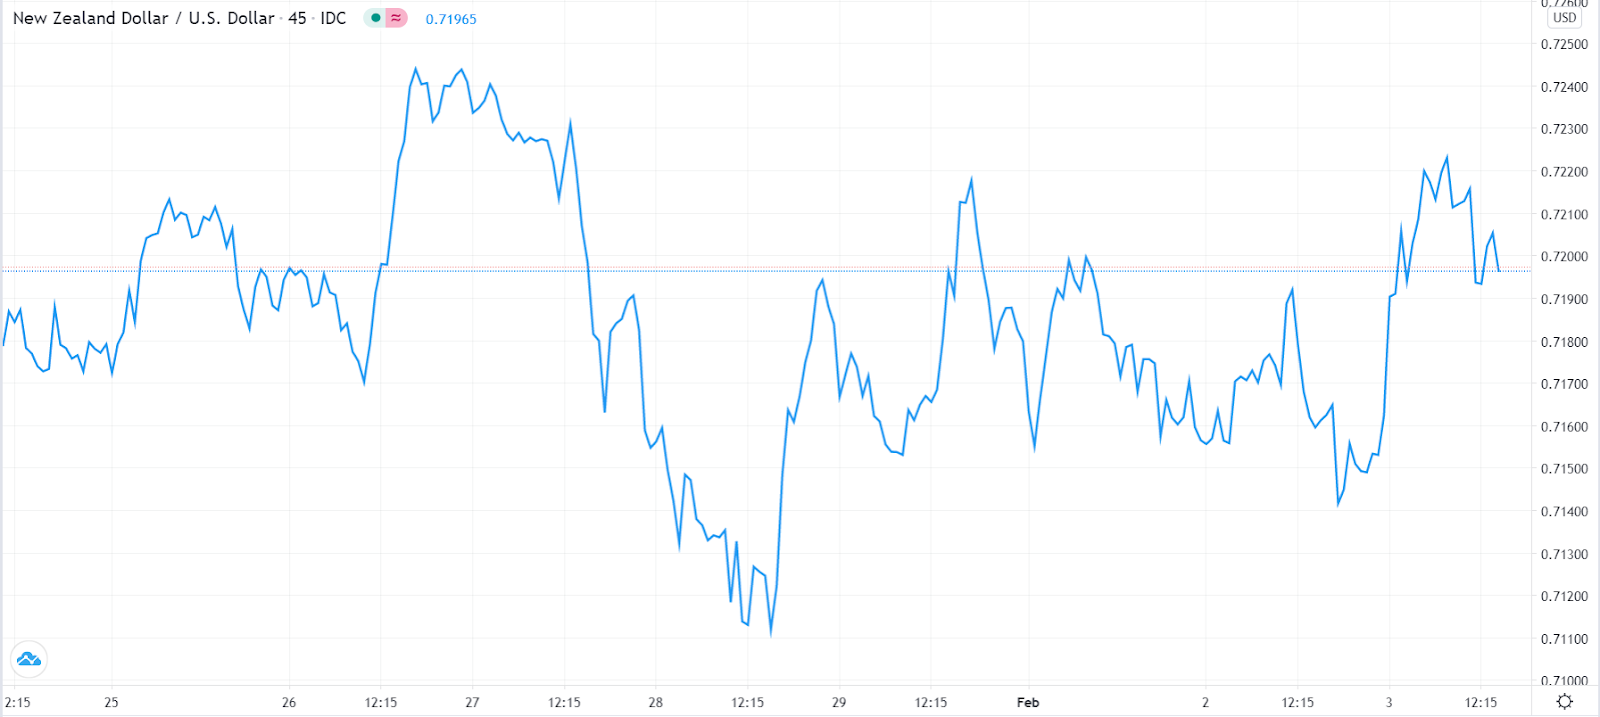 NZD / USD